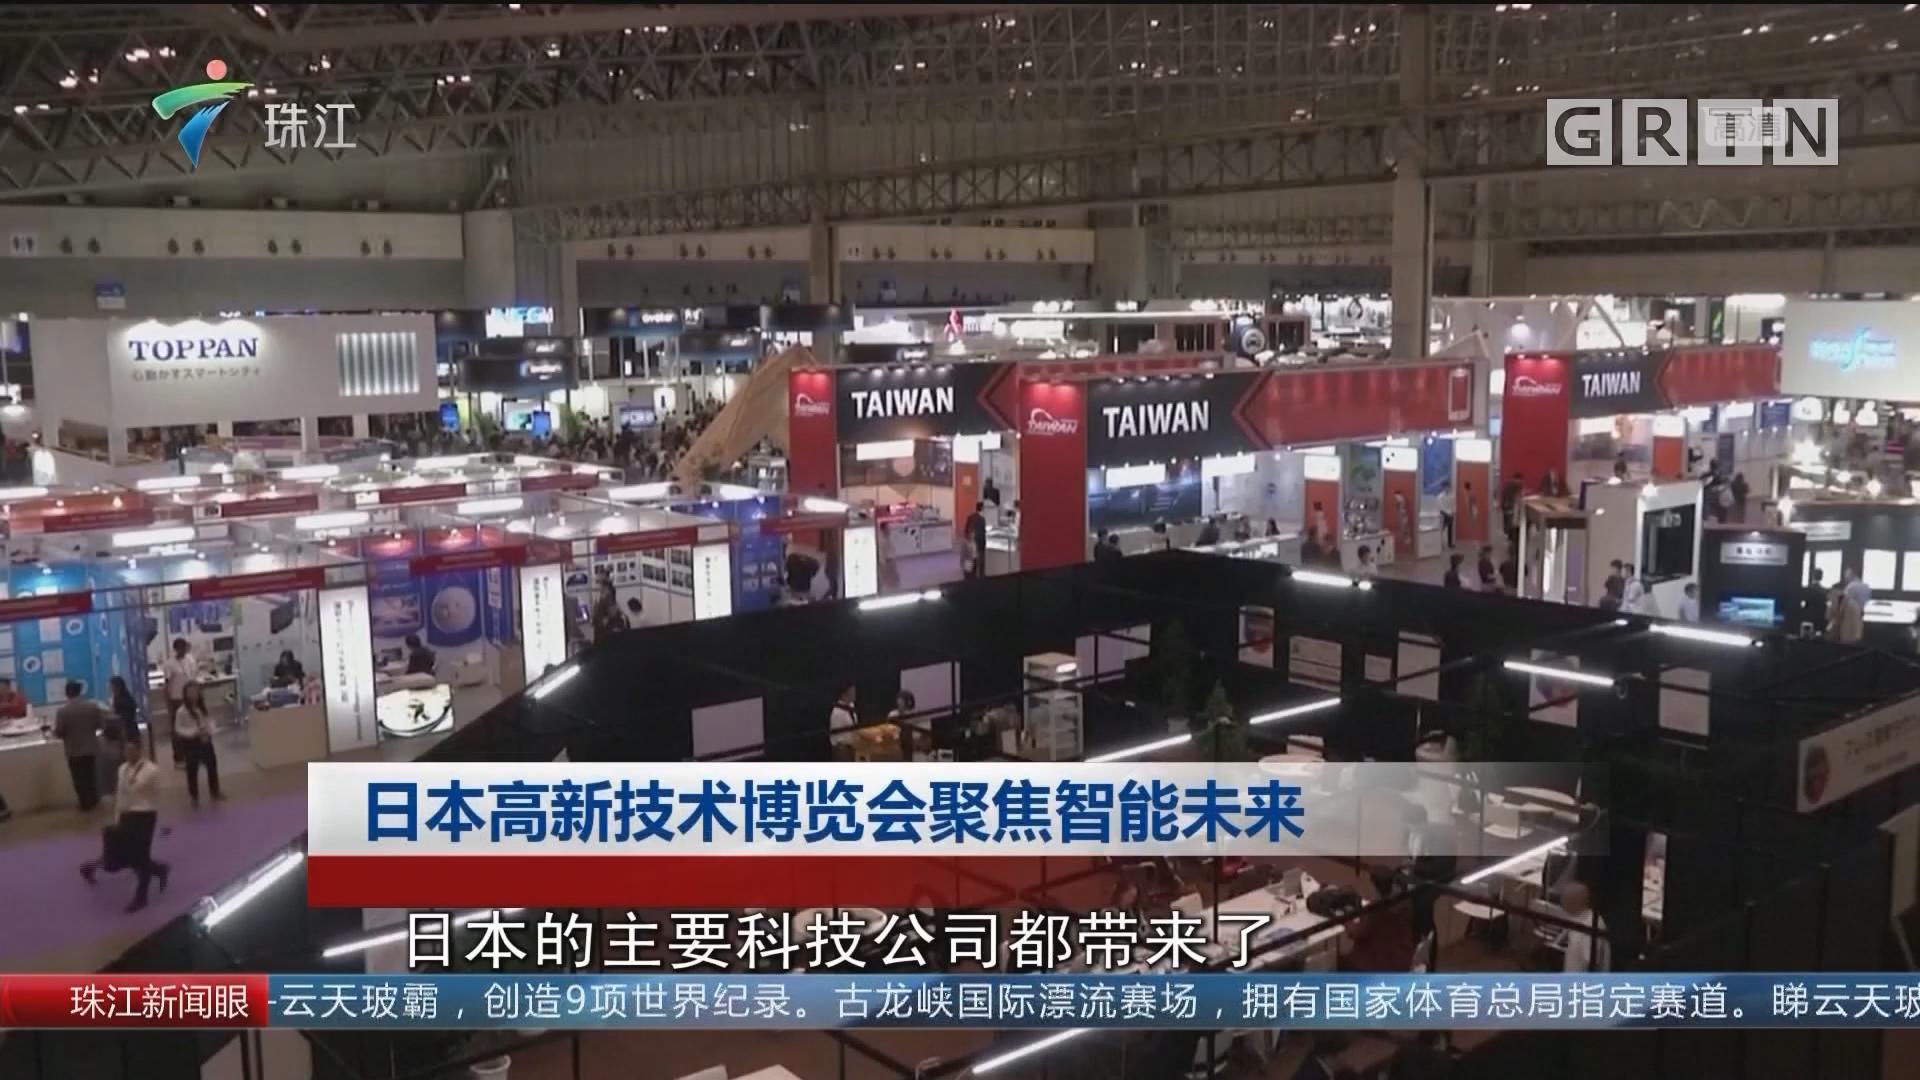 日本高新技术博览会聚焦智能未来